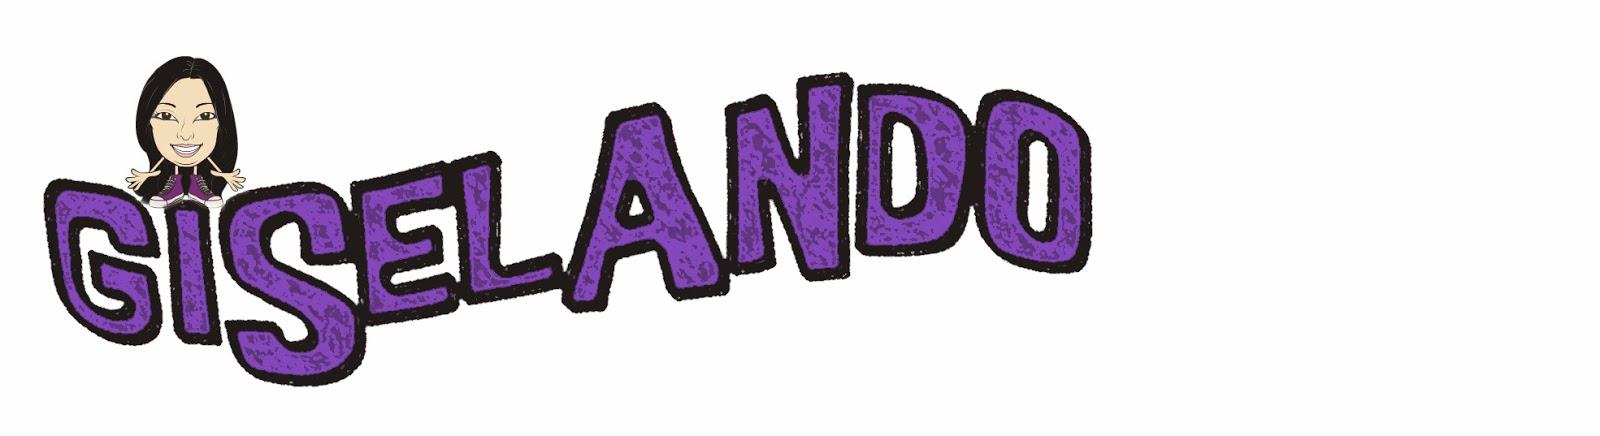 http://giselando.blogspot.com